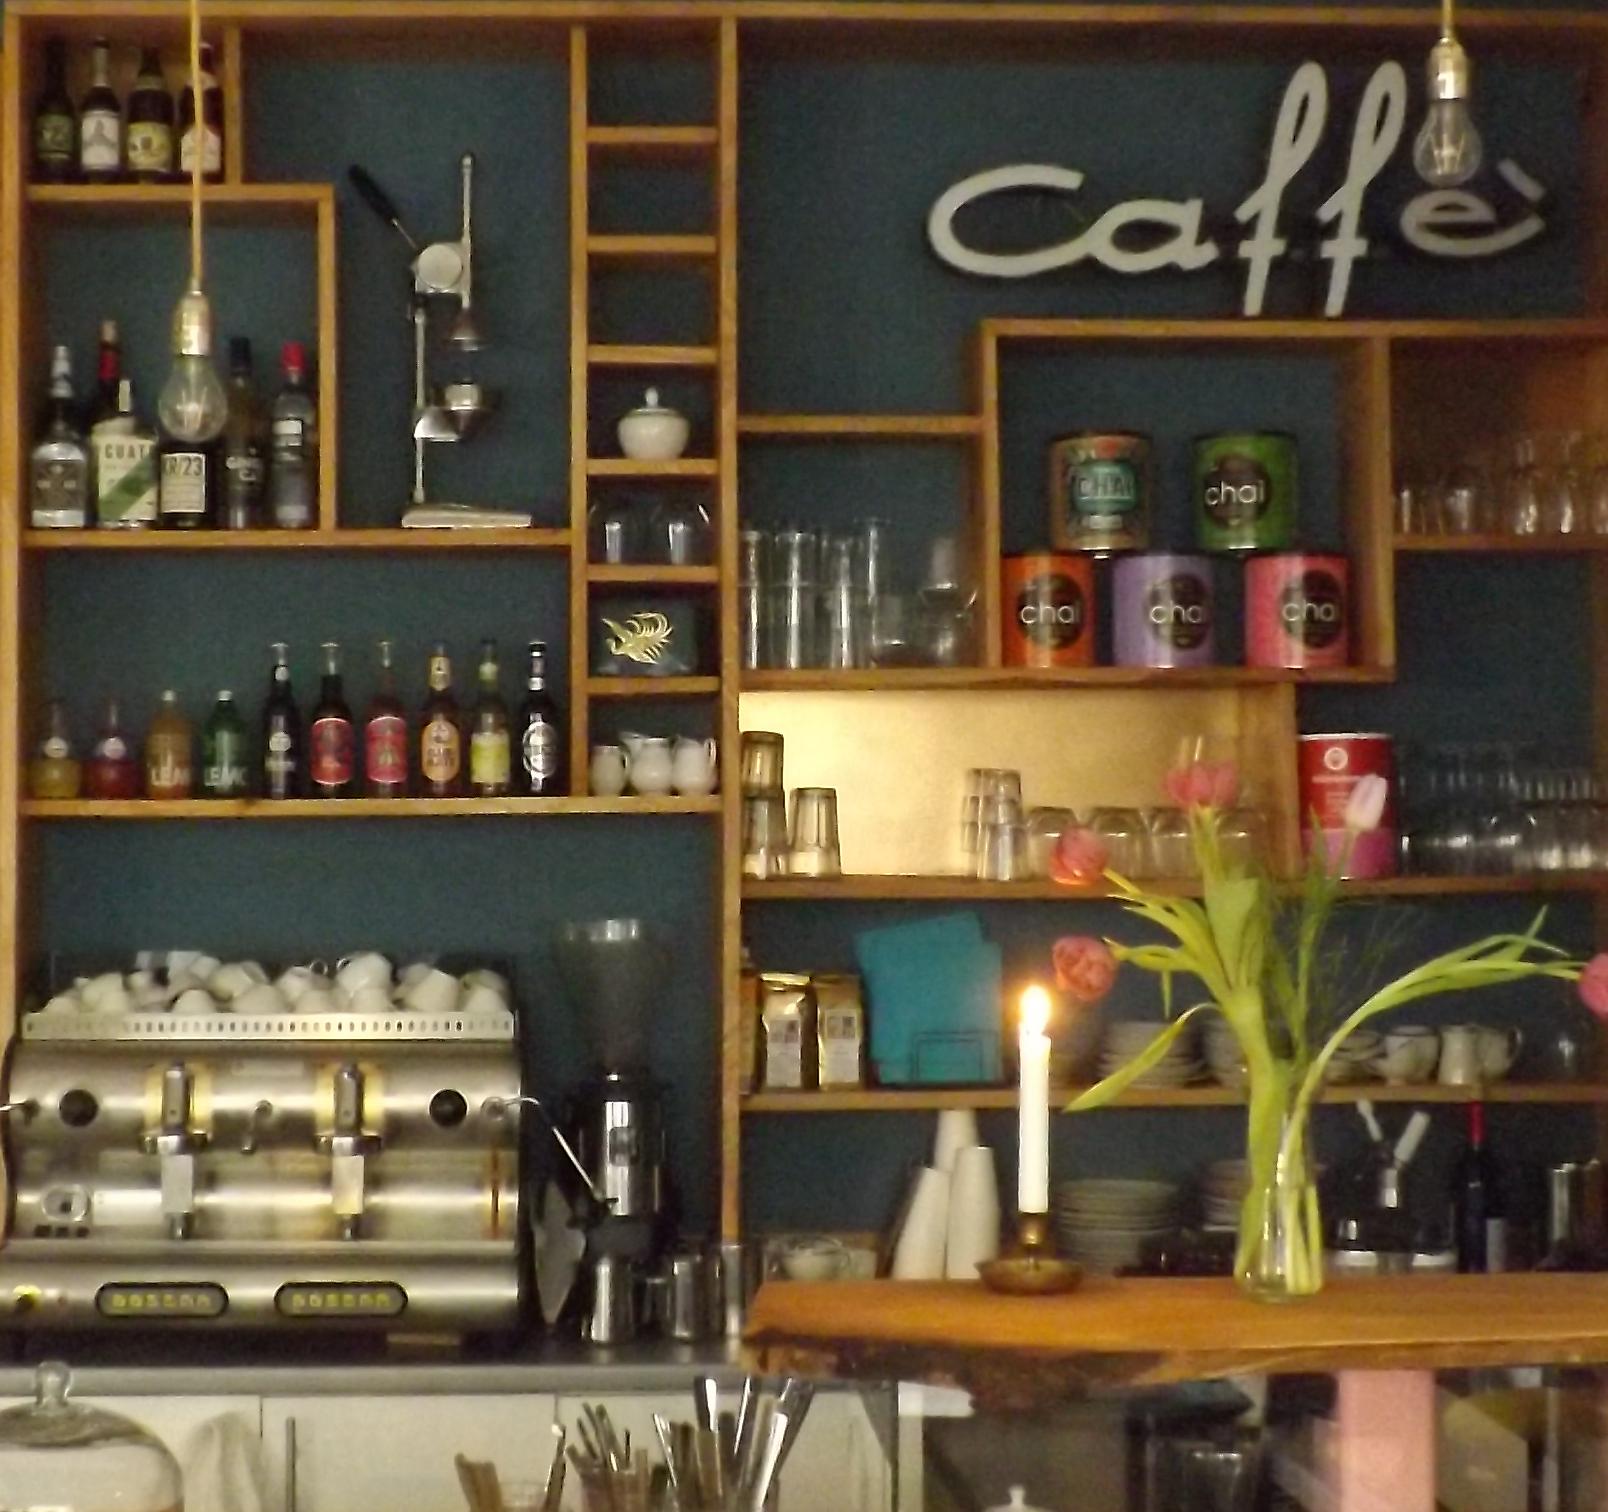 Spiele Cafe Berlin